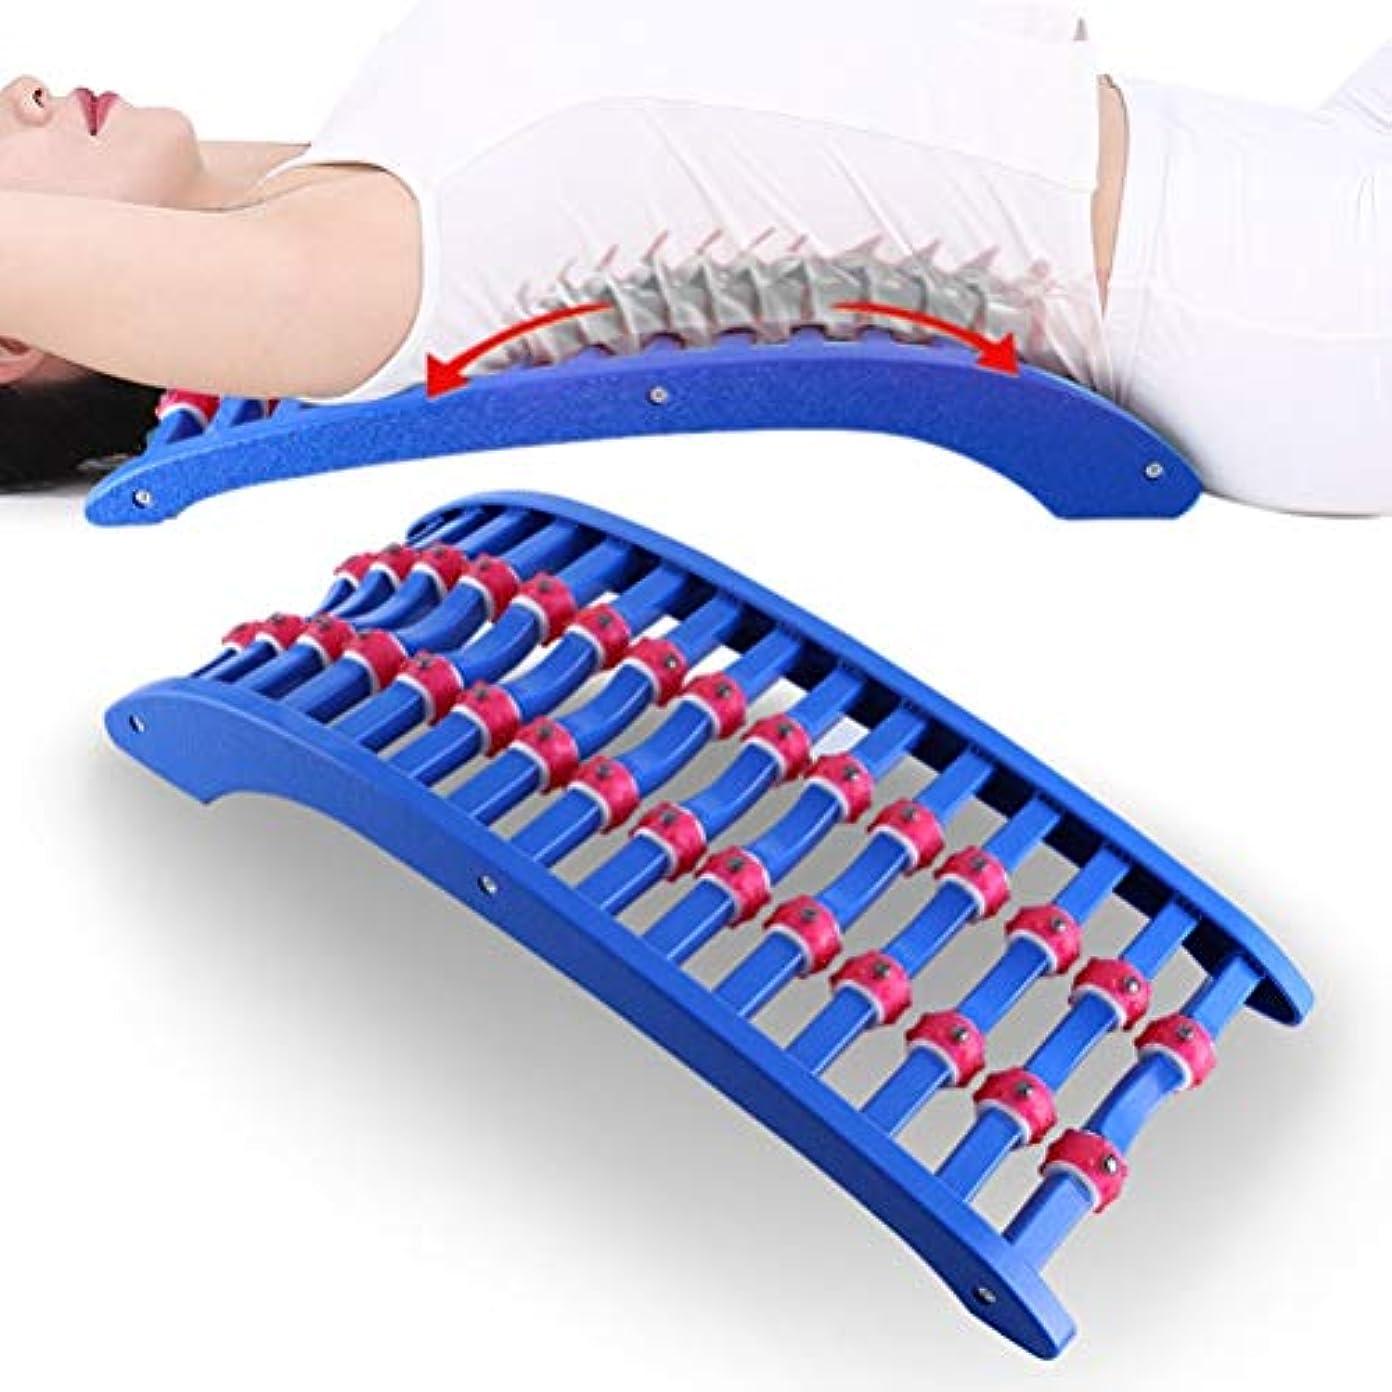 柔らかい足第血色の良い腰椎矯正 バックマッサージストレッチメイト整形外科バックストレッチャー 弧状腰椎引っ張りマッサージ器 寝るだけ簡単 ストレッチ